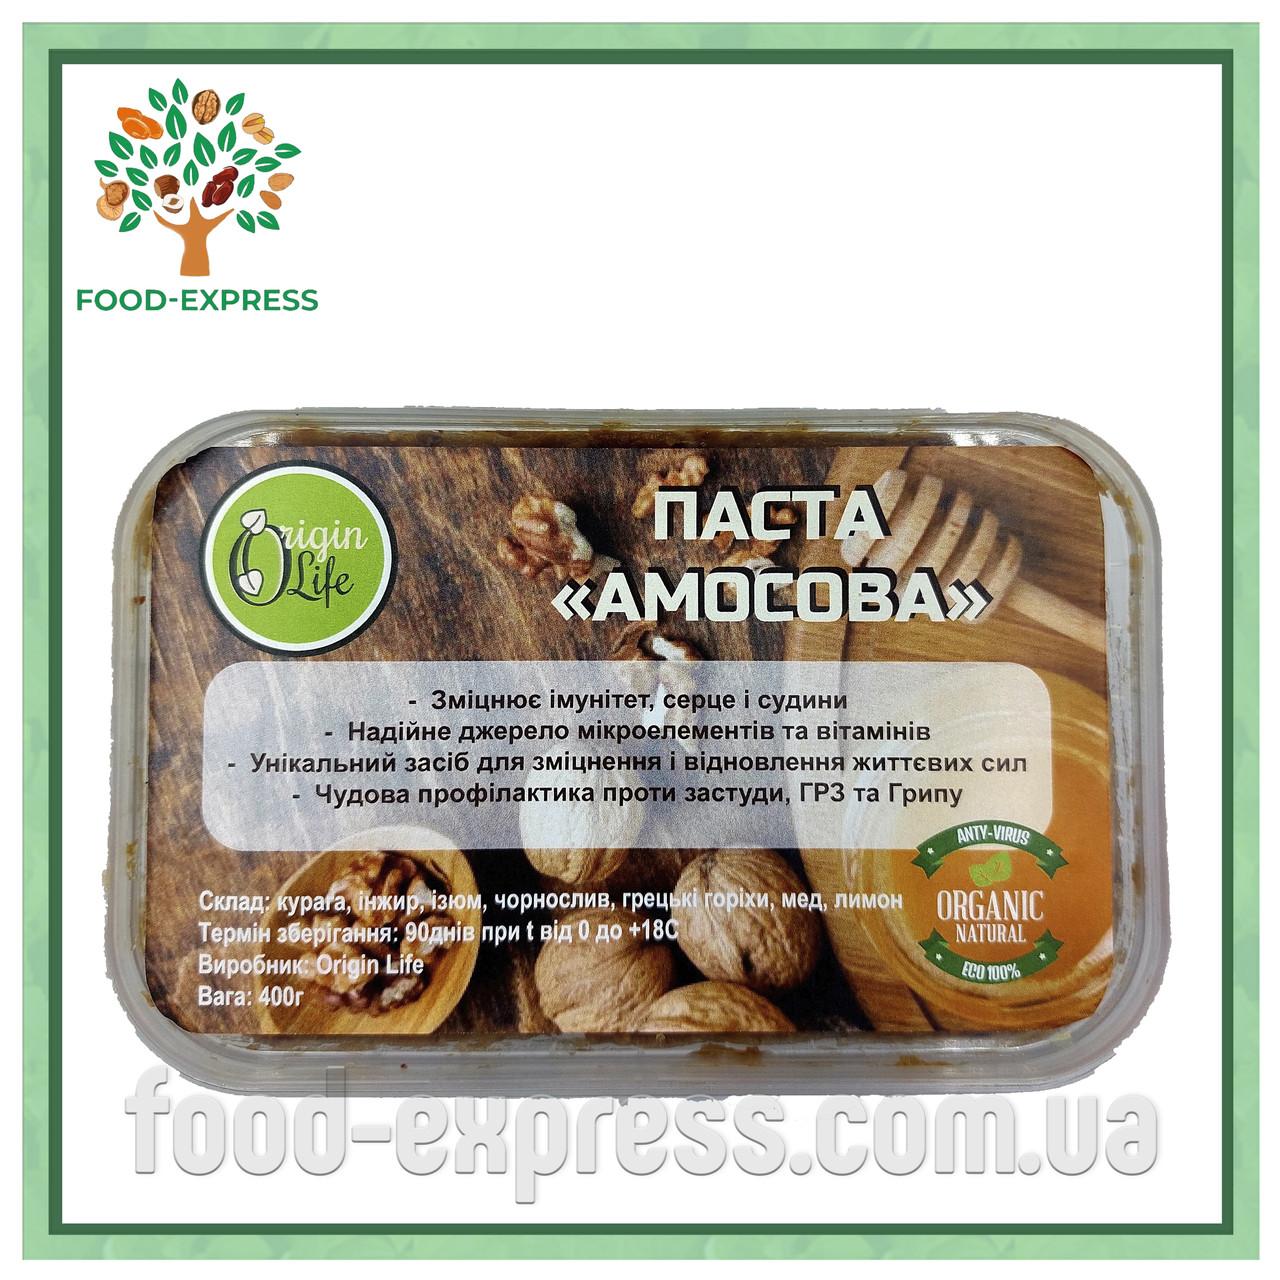 Паста Амосова 500г натуральная витаминная смесь из сухофруктов, орехов и меда